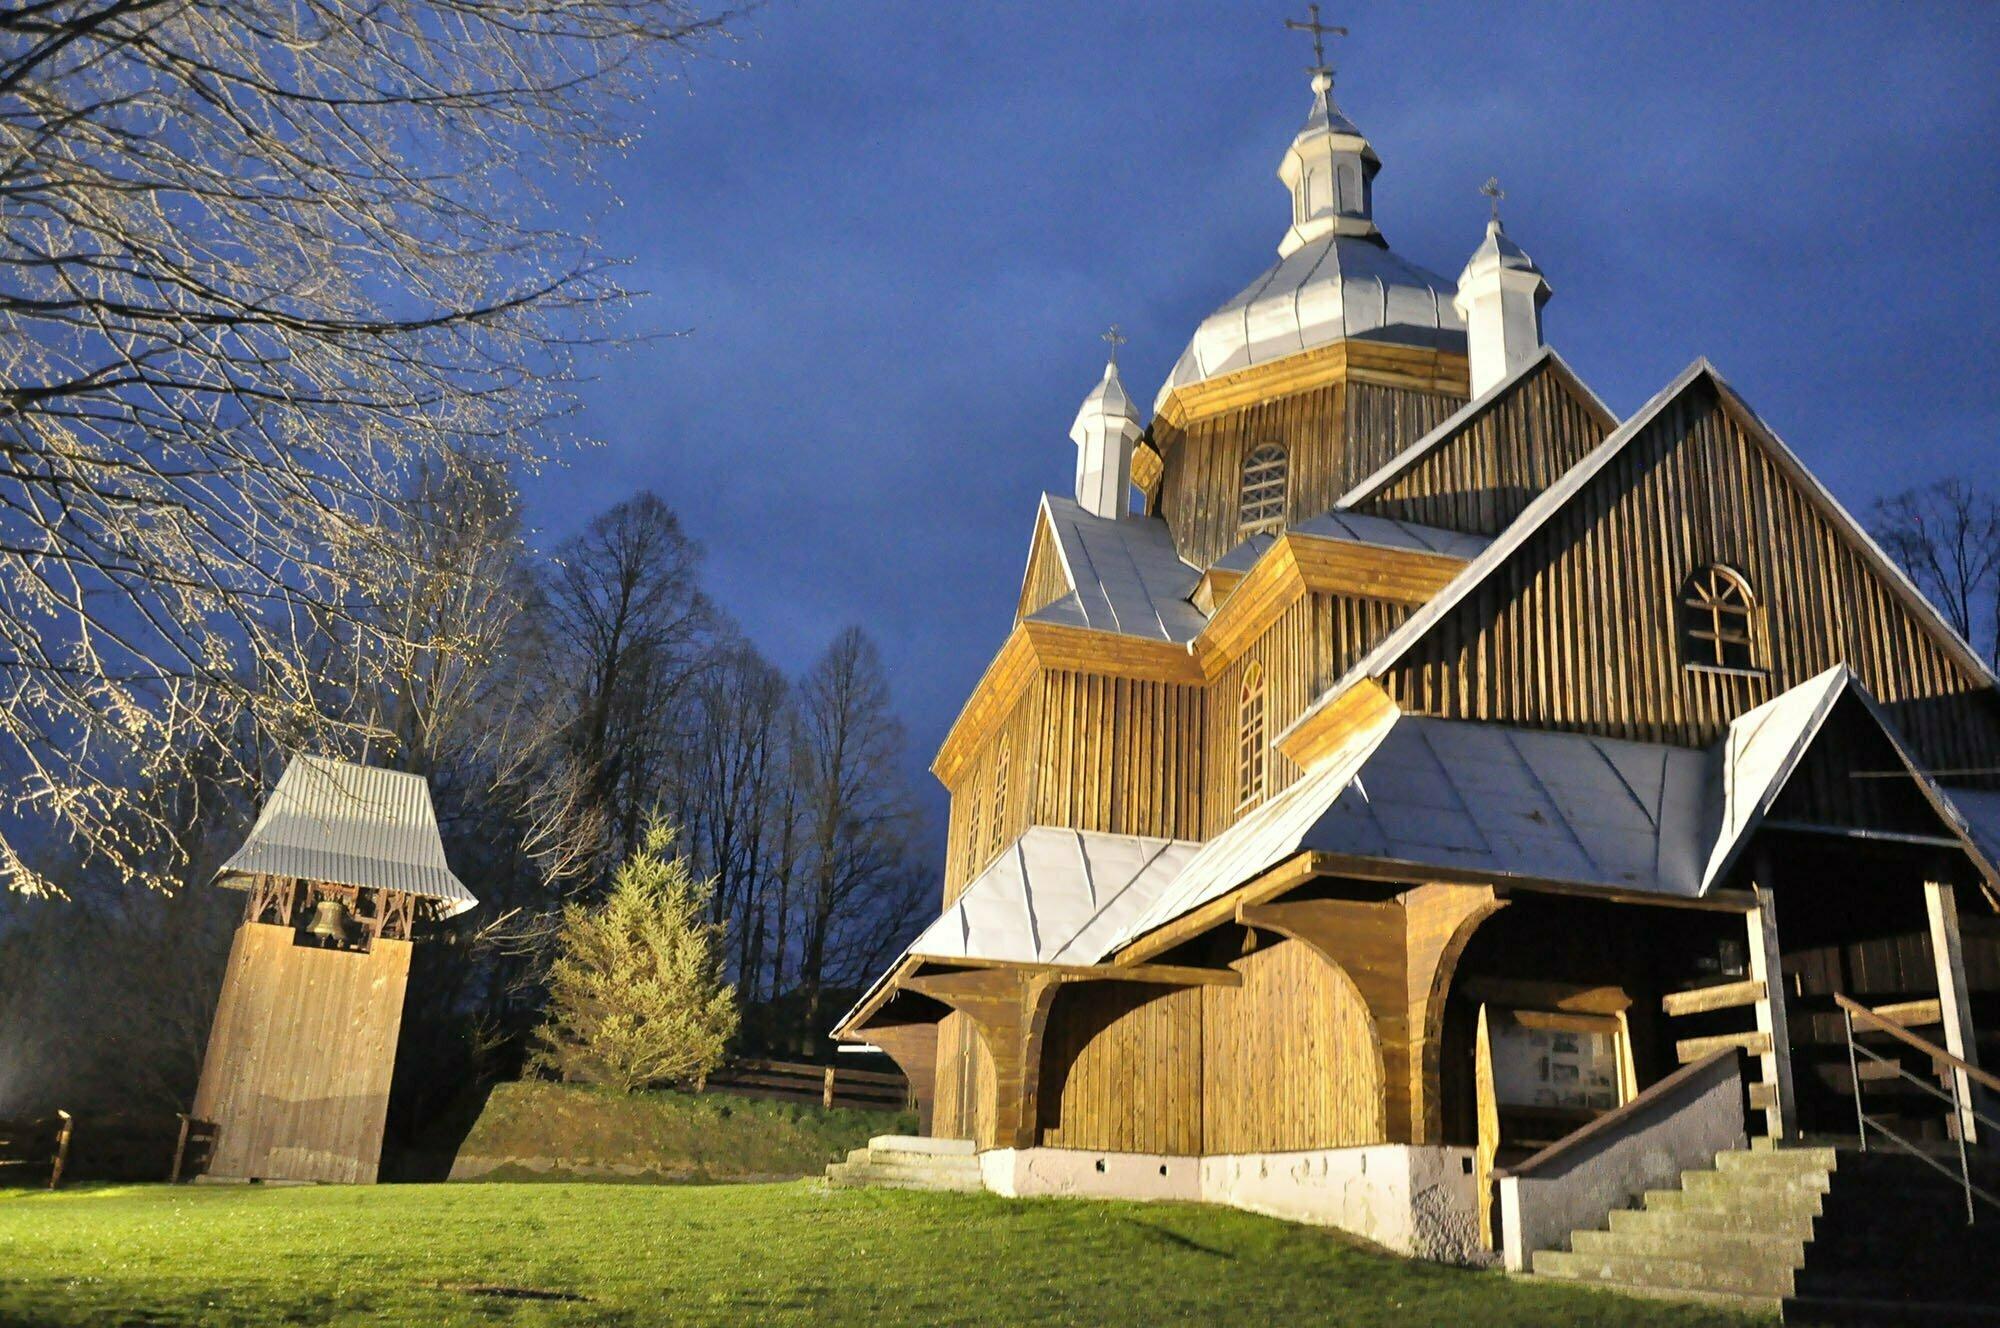 Cerkiew w miejscowości Hoszowczyk / fot. Lidia Tul-Chmielewska